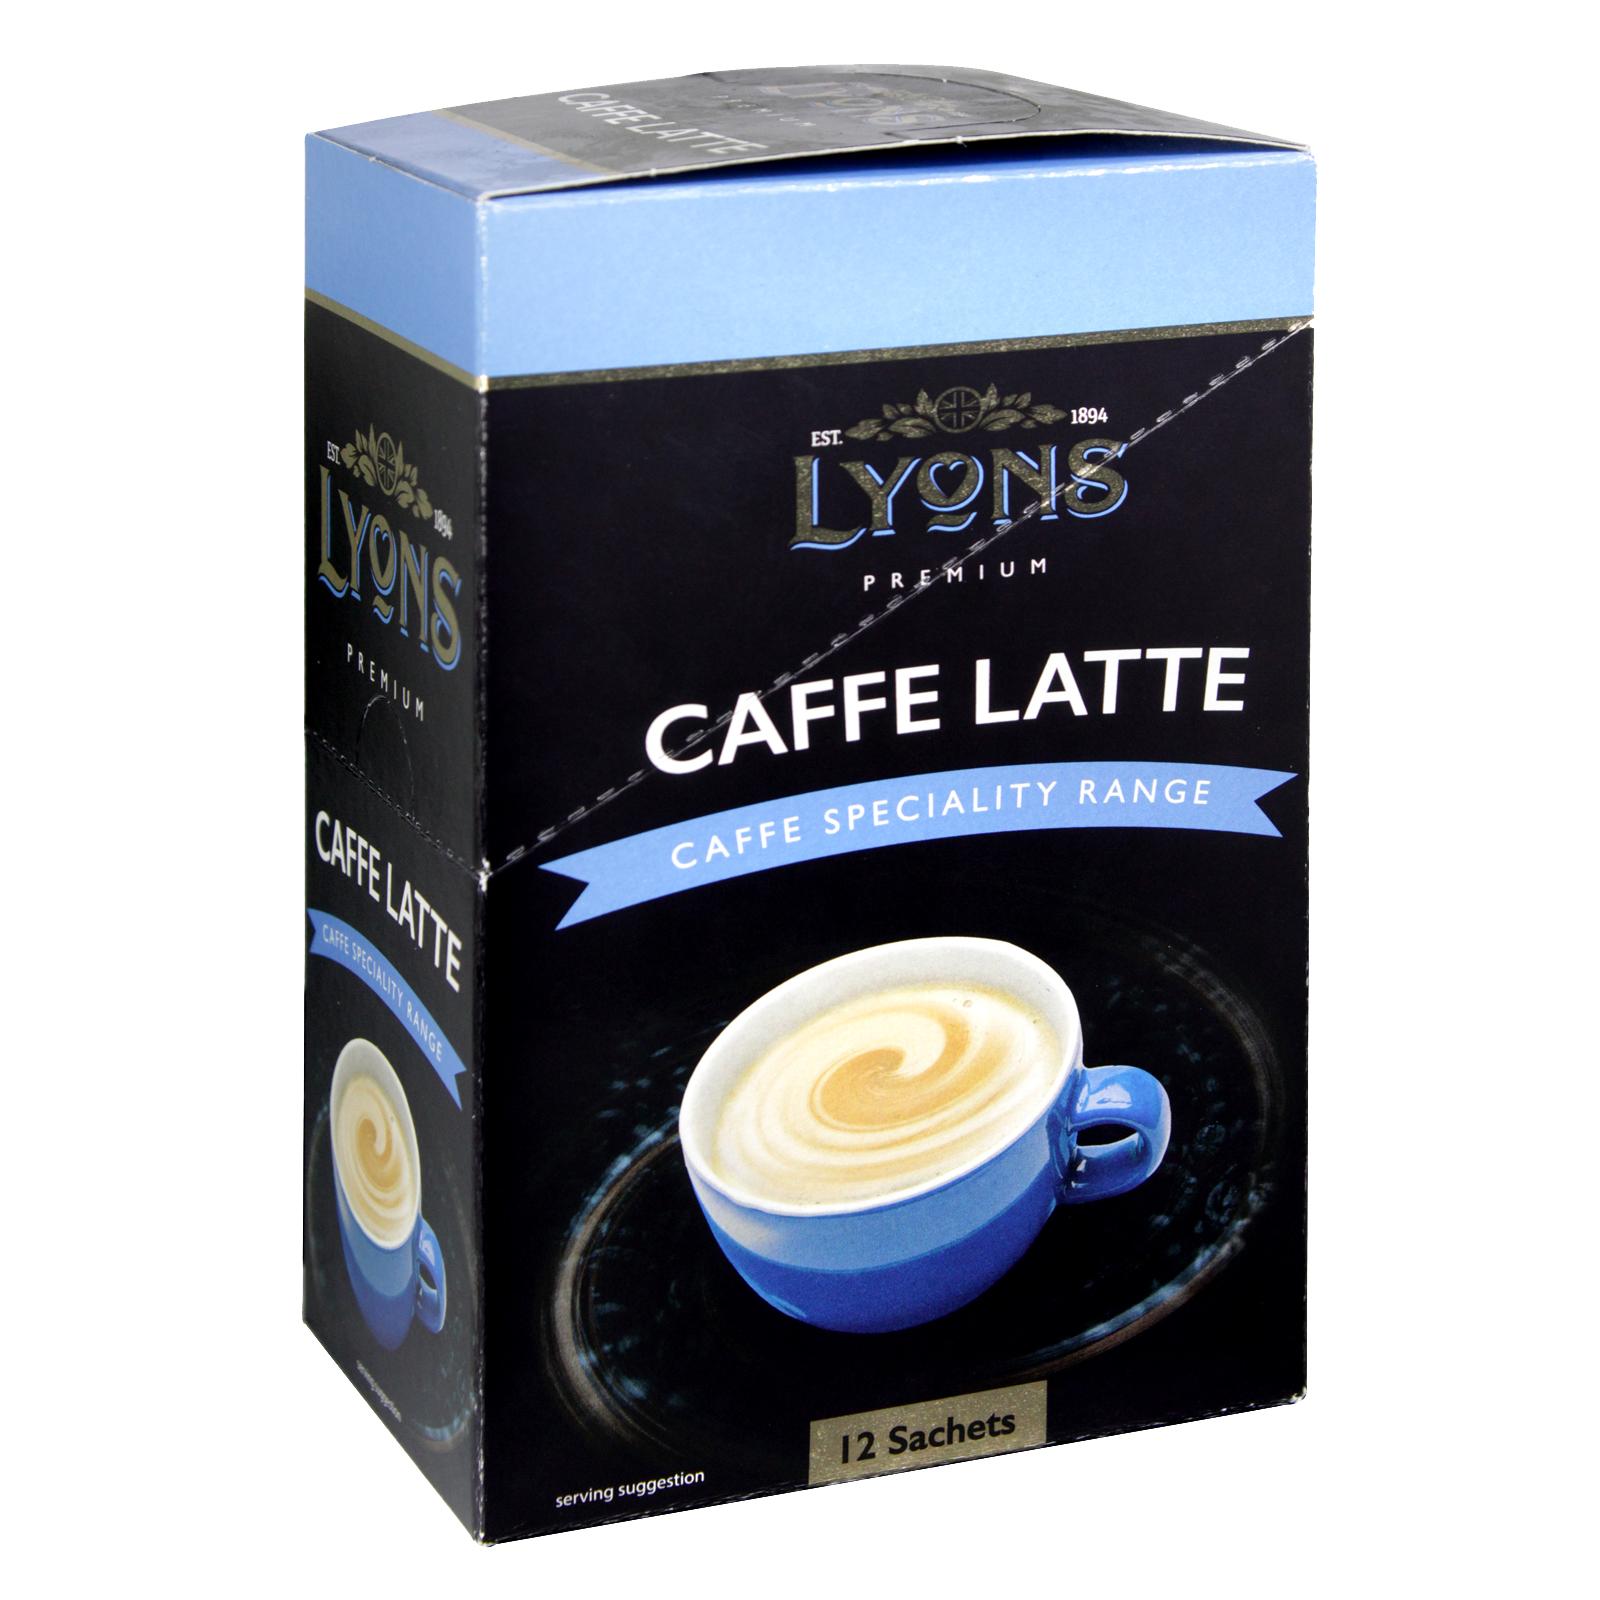 LYONS CAFFE LATTE 12 SACHETS X10